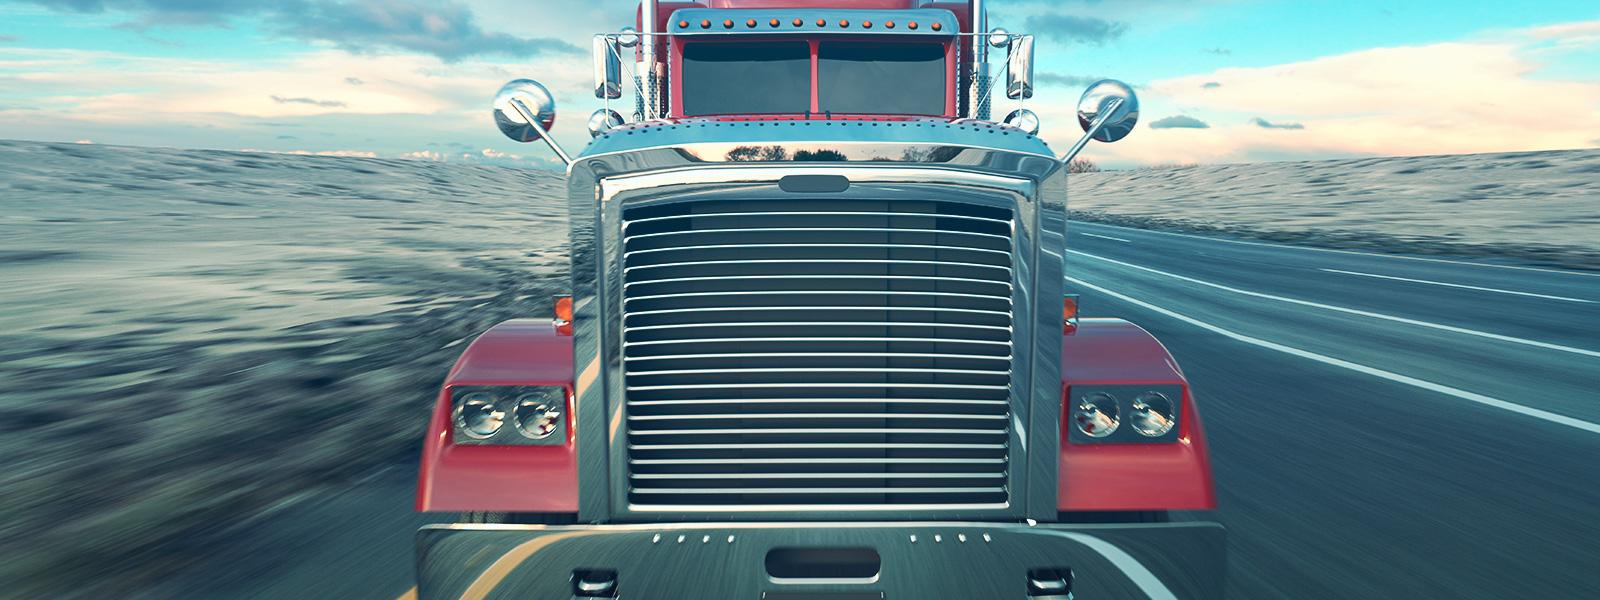 aumenta-fiscalização-jornada-trabalho-caminhoneiros-blog-ceabs